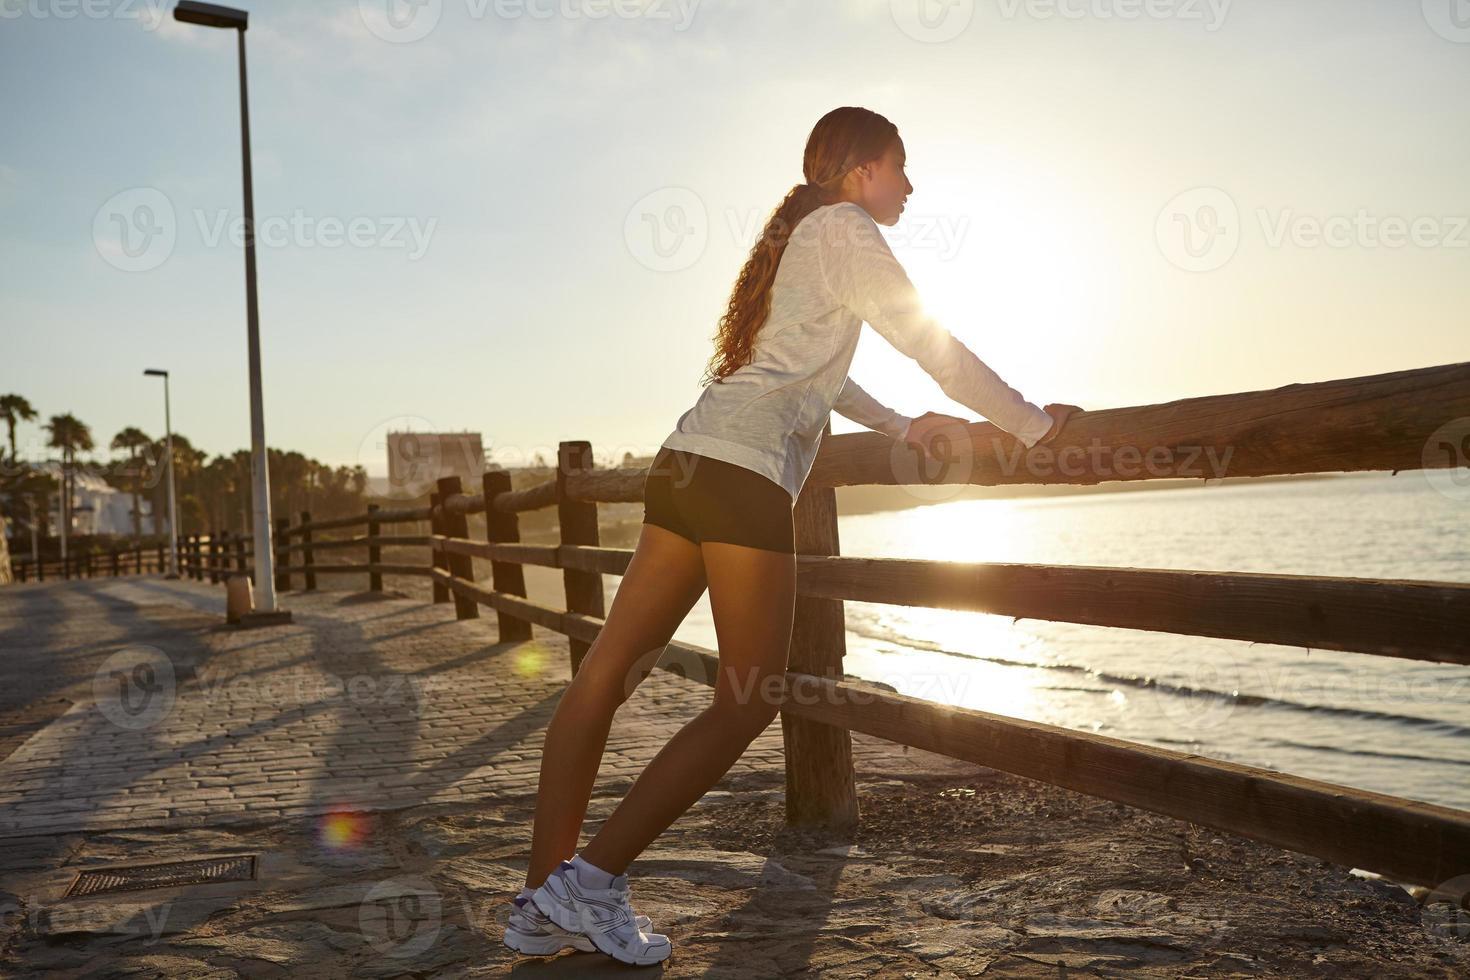 giovane jogger esercitando sulla costa foto